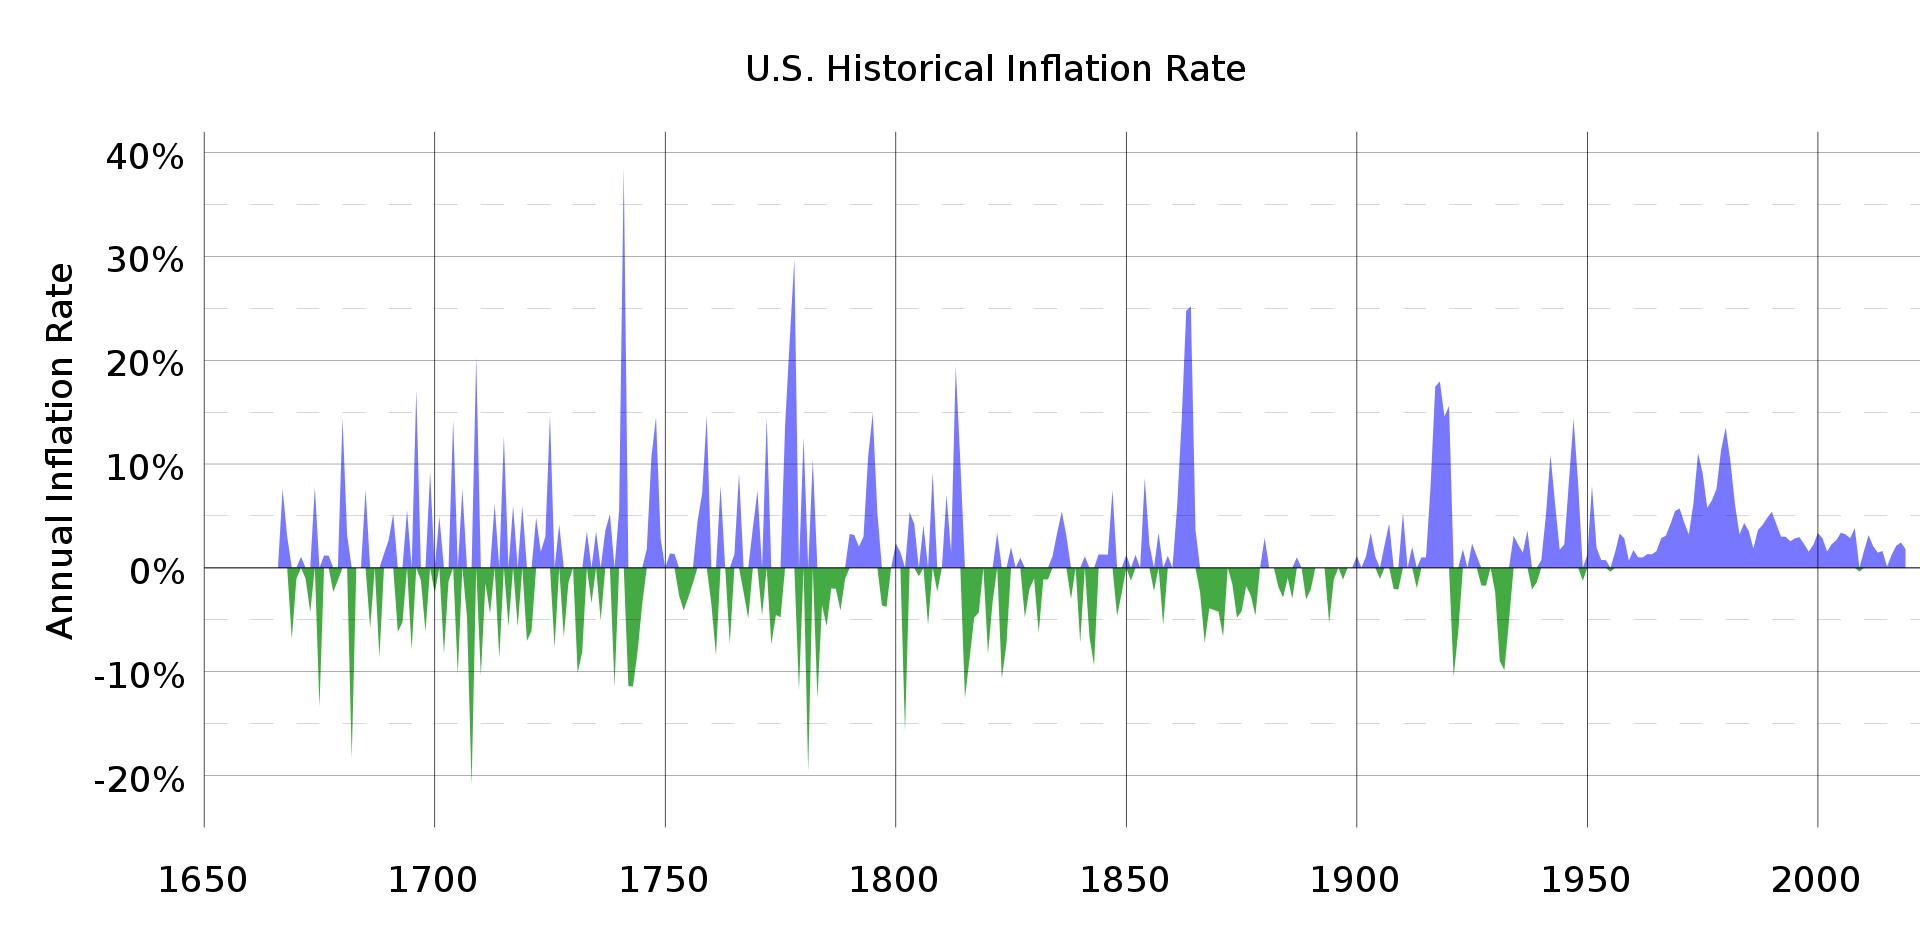 디플레이션 deflation 시기에 투자하는 방법